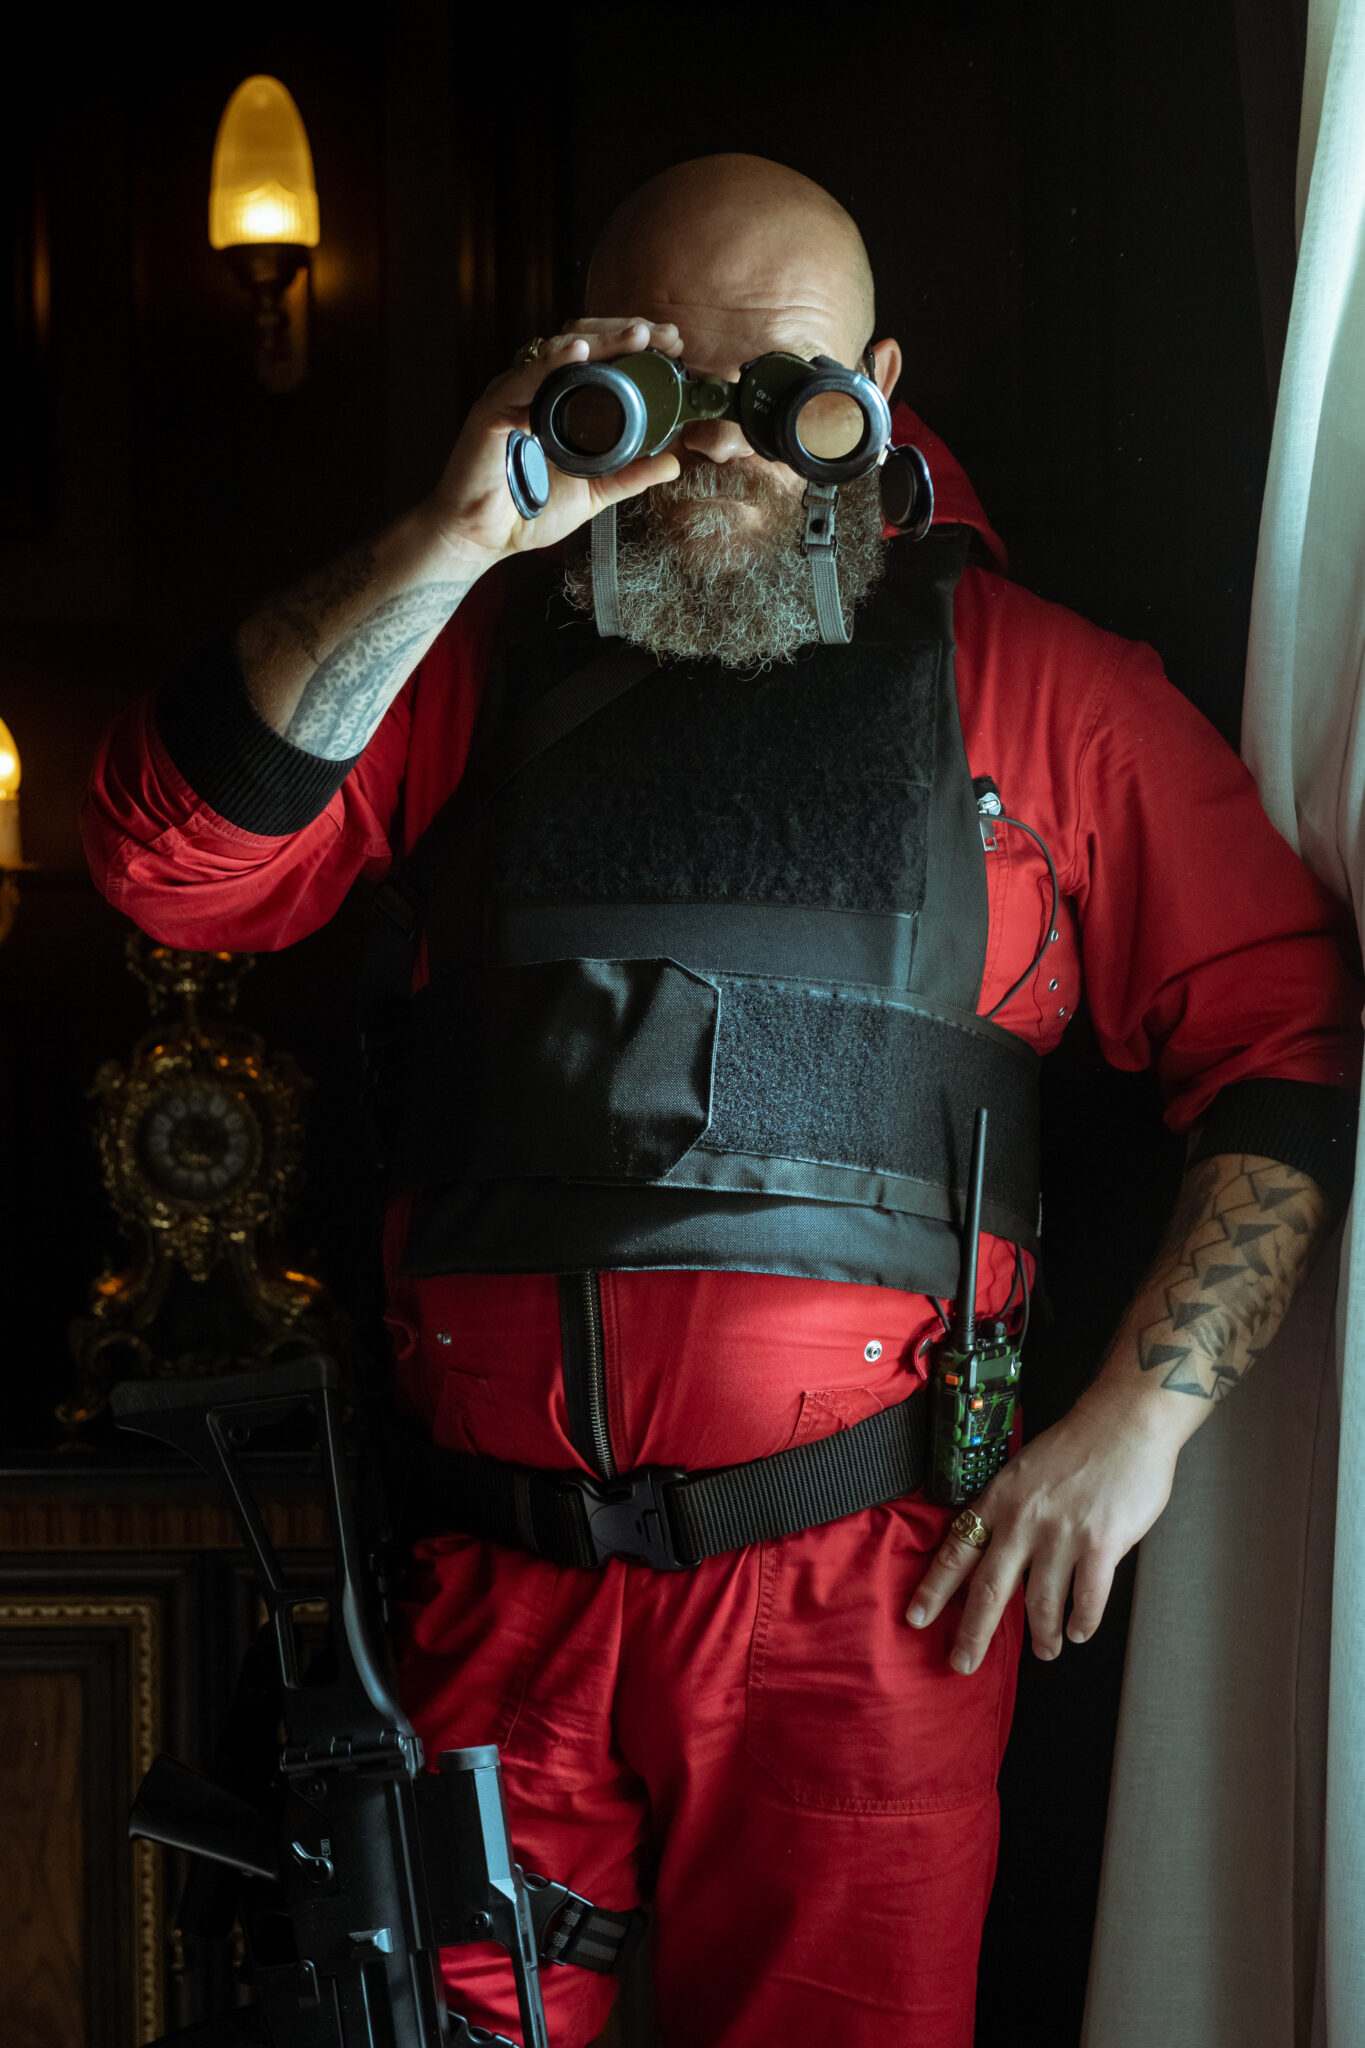 Helsinki (Darko Peric) in rotem Overall und Schutzweste gekleidet mit einem Feldstecher vor dem Gesicht.